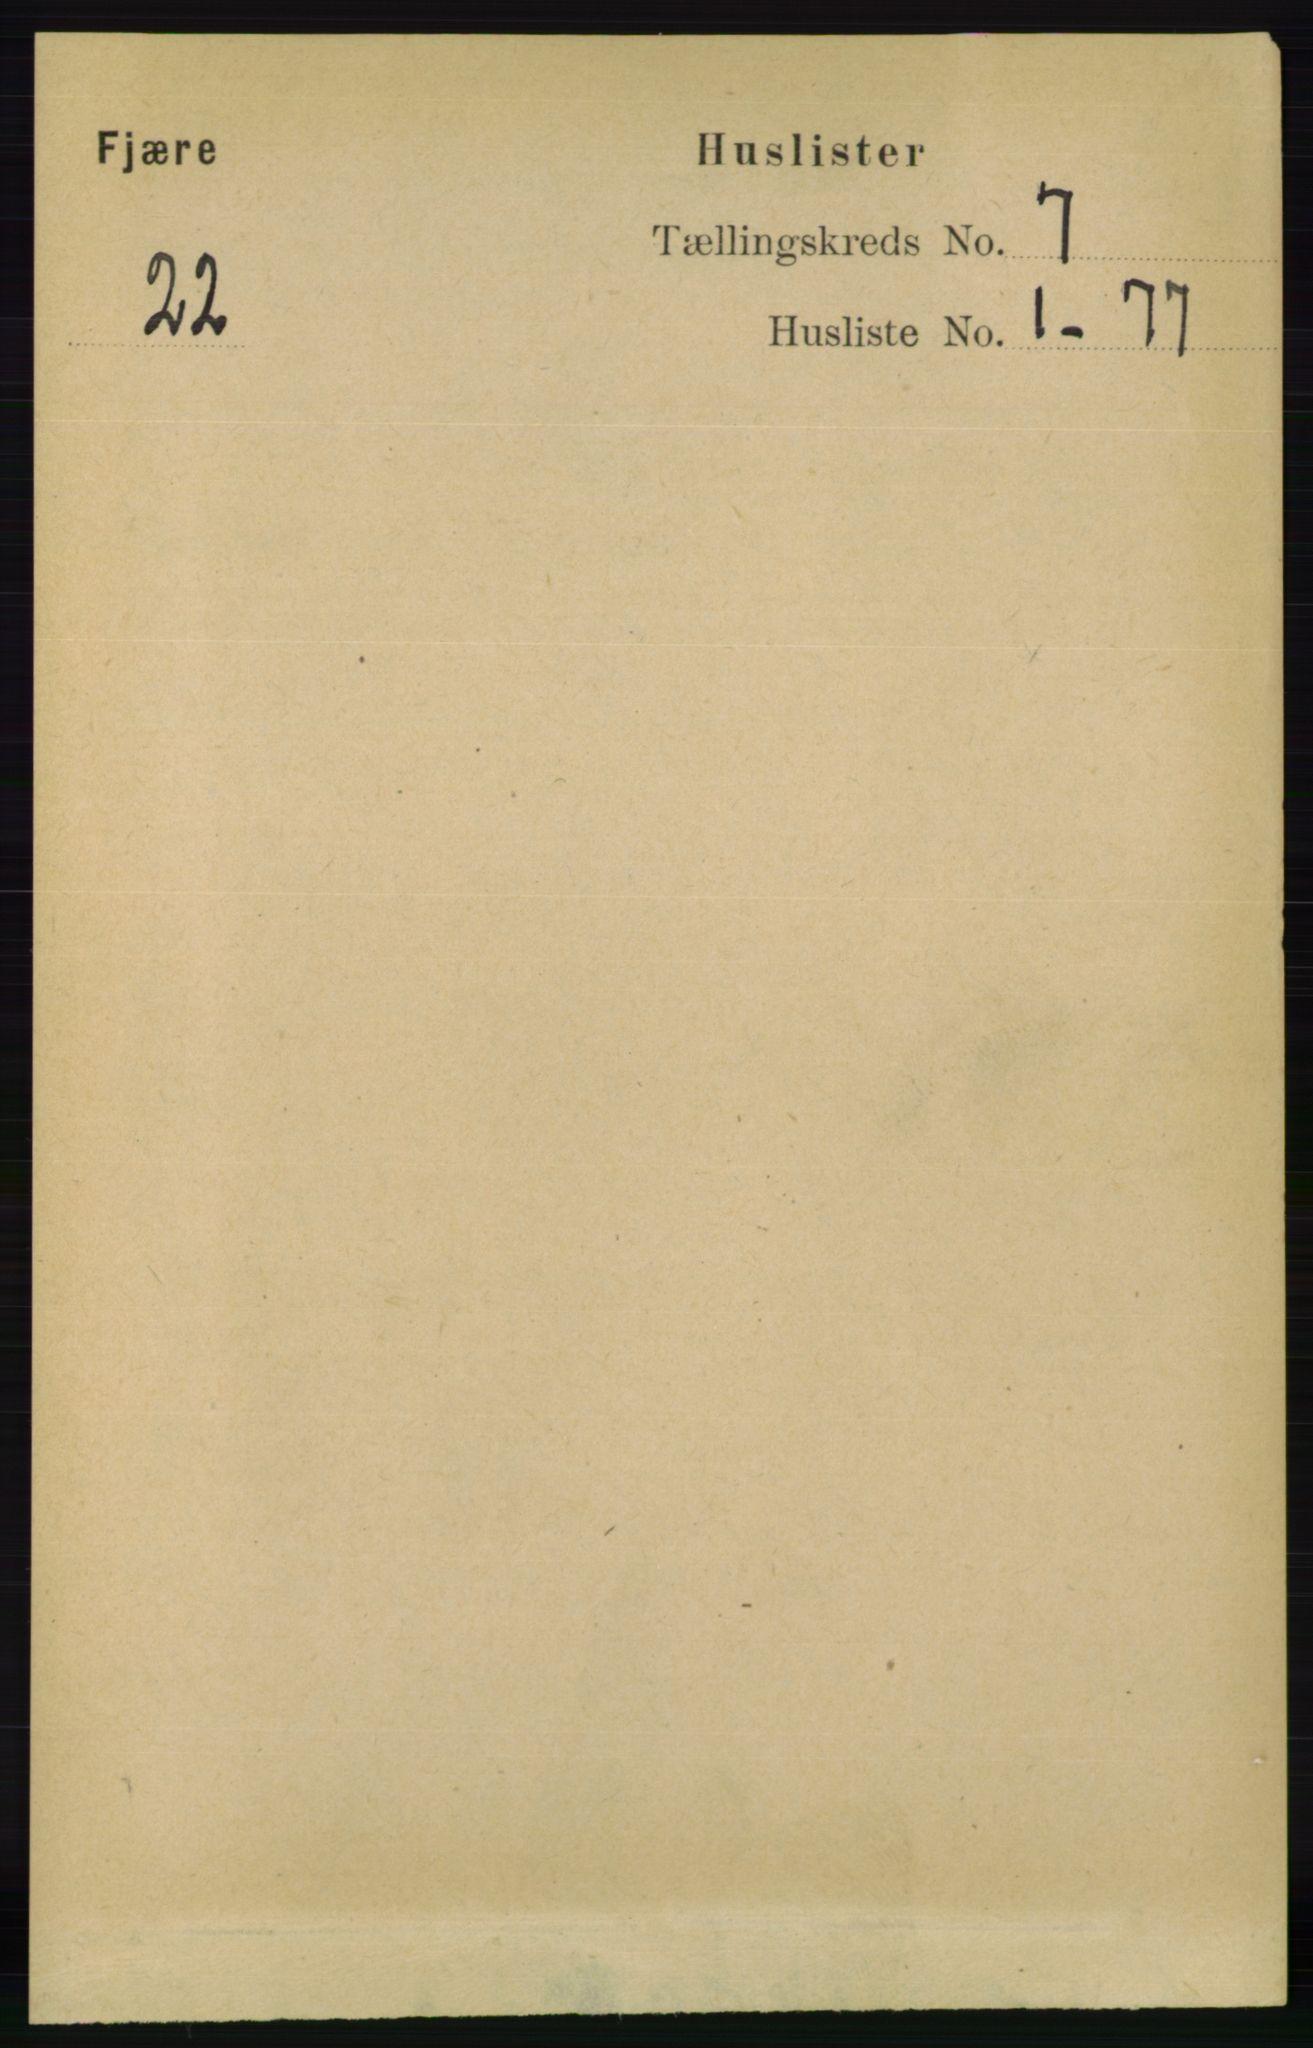 RA, Folketelling 1891 for 0923 Fjære herred, 1891, s. 3123